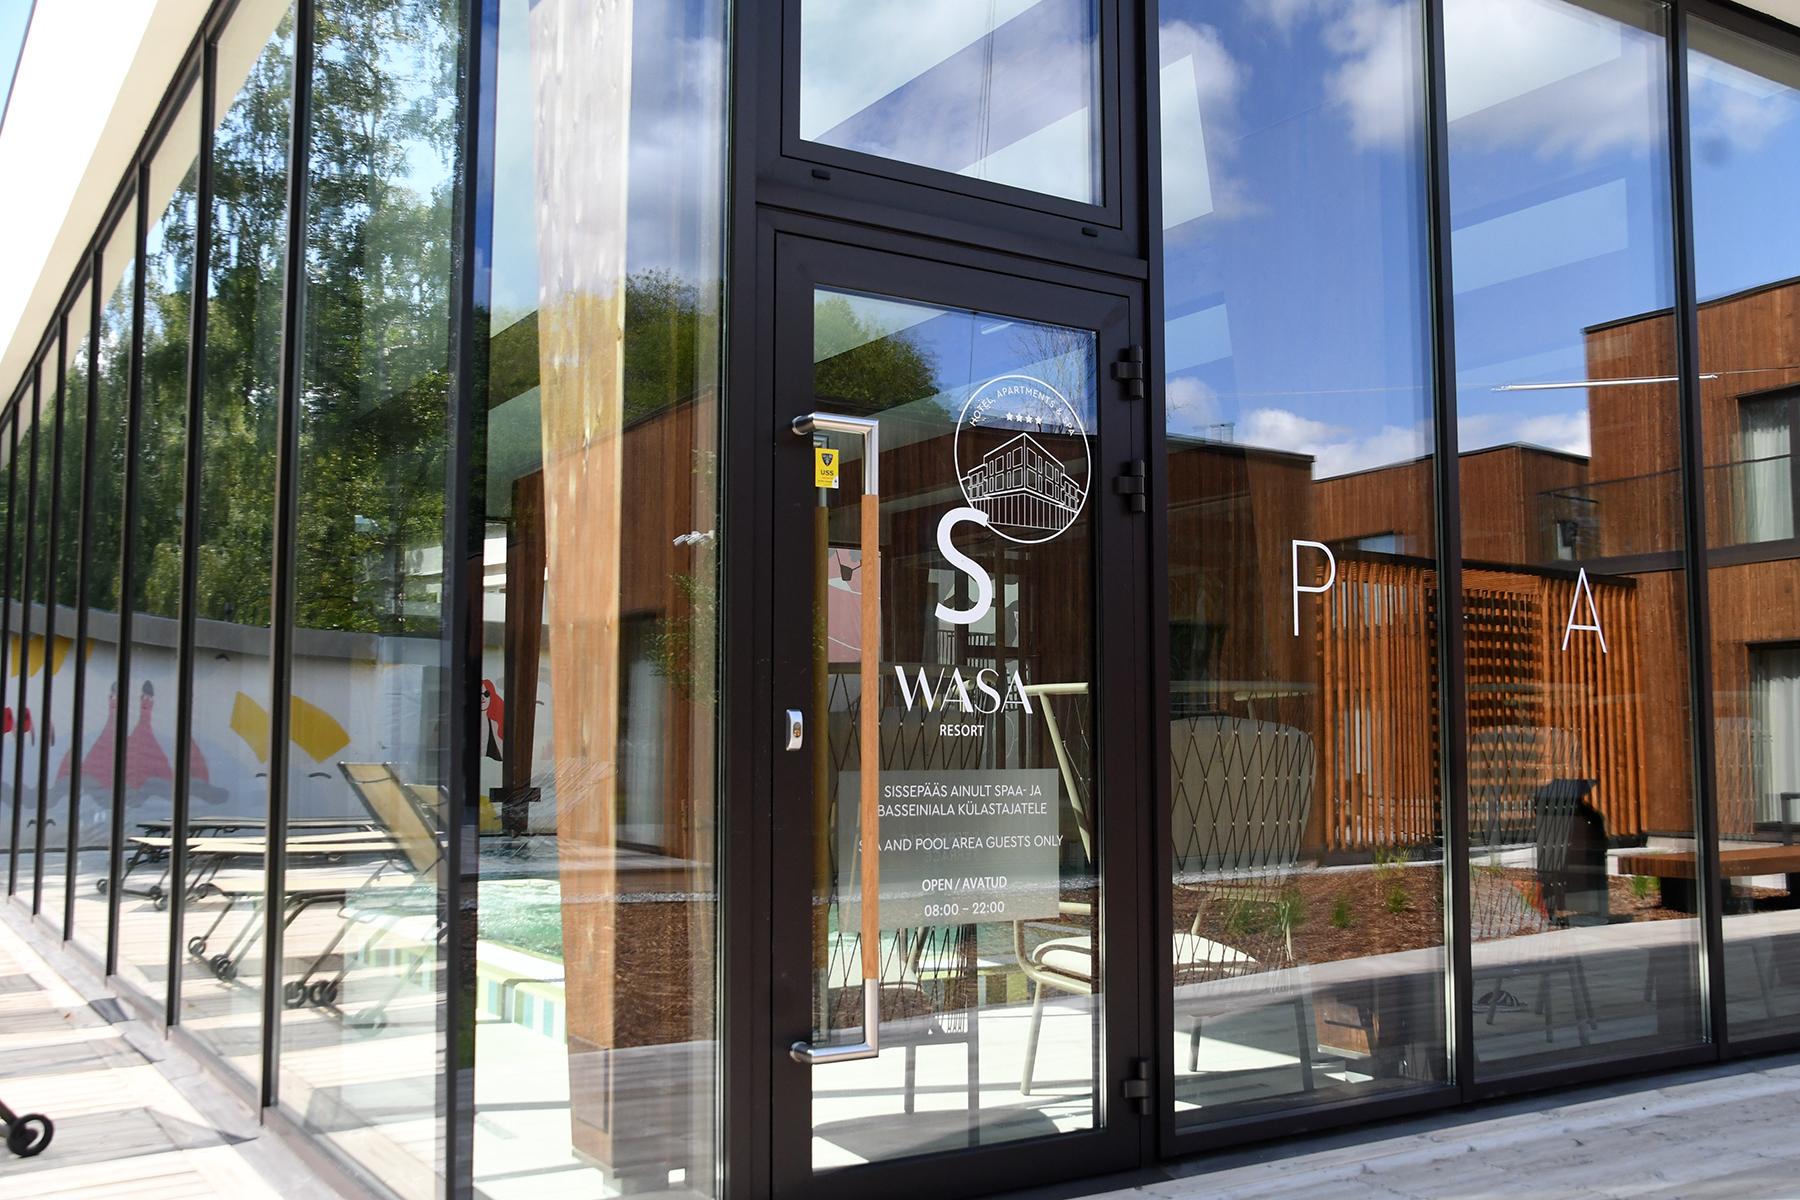 Mitmekülgselt uudsete arhitektuuriliste lahenduste ja uuendusliku teenindusega Wasa Resort spaahotell Pärnus. Foto Urmas Saard